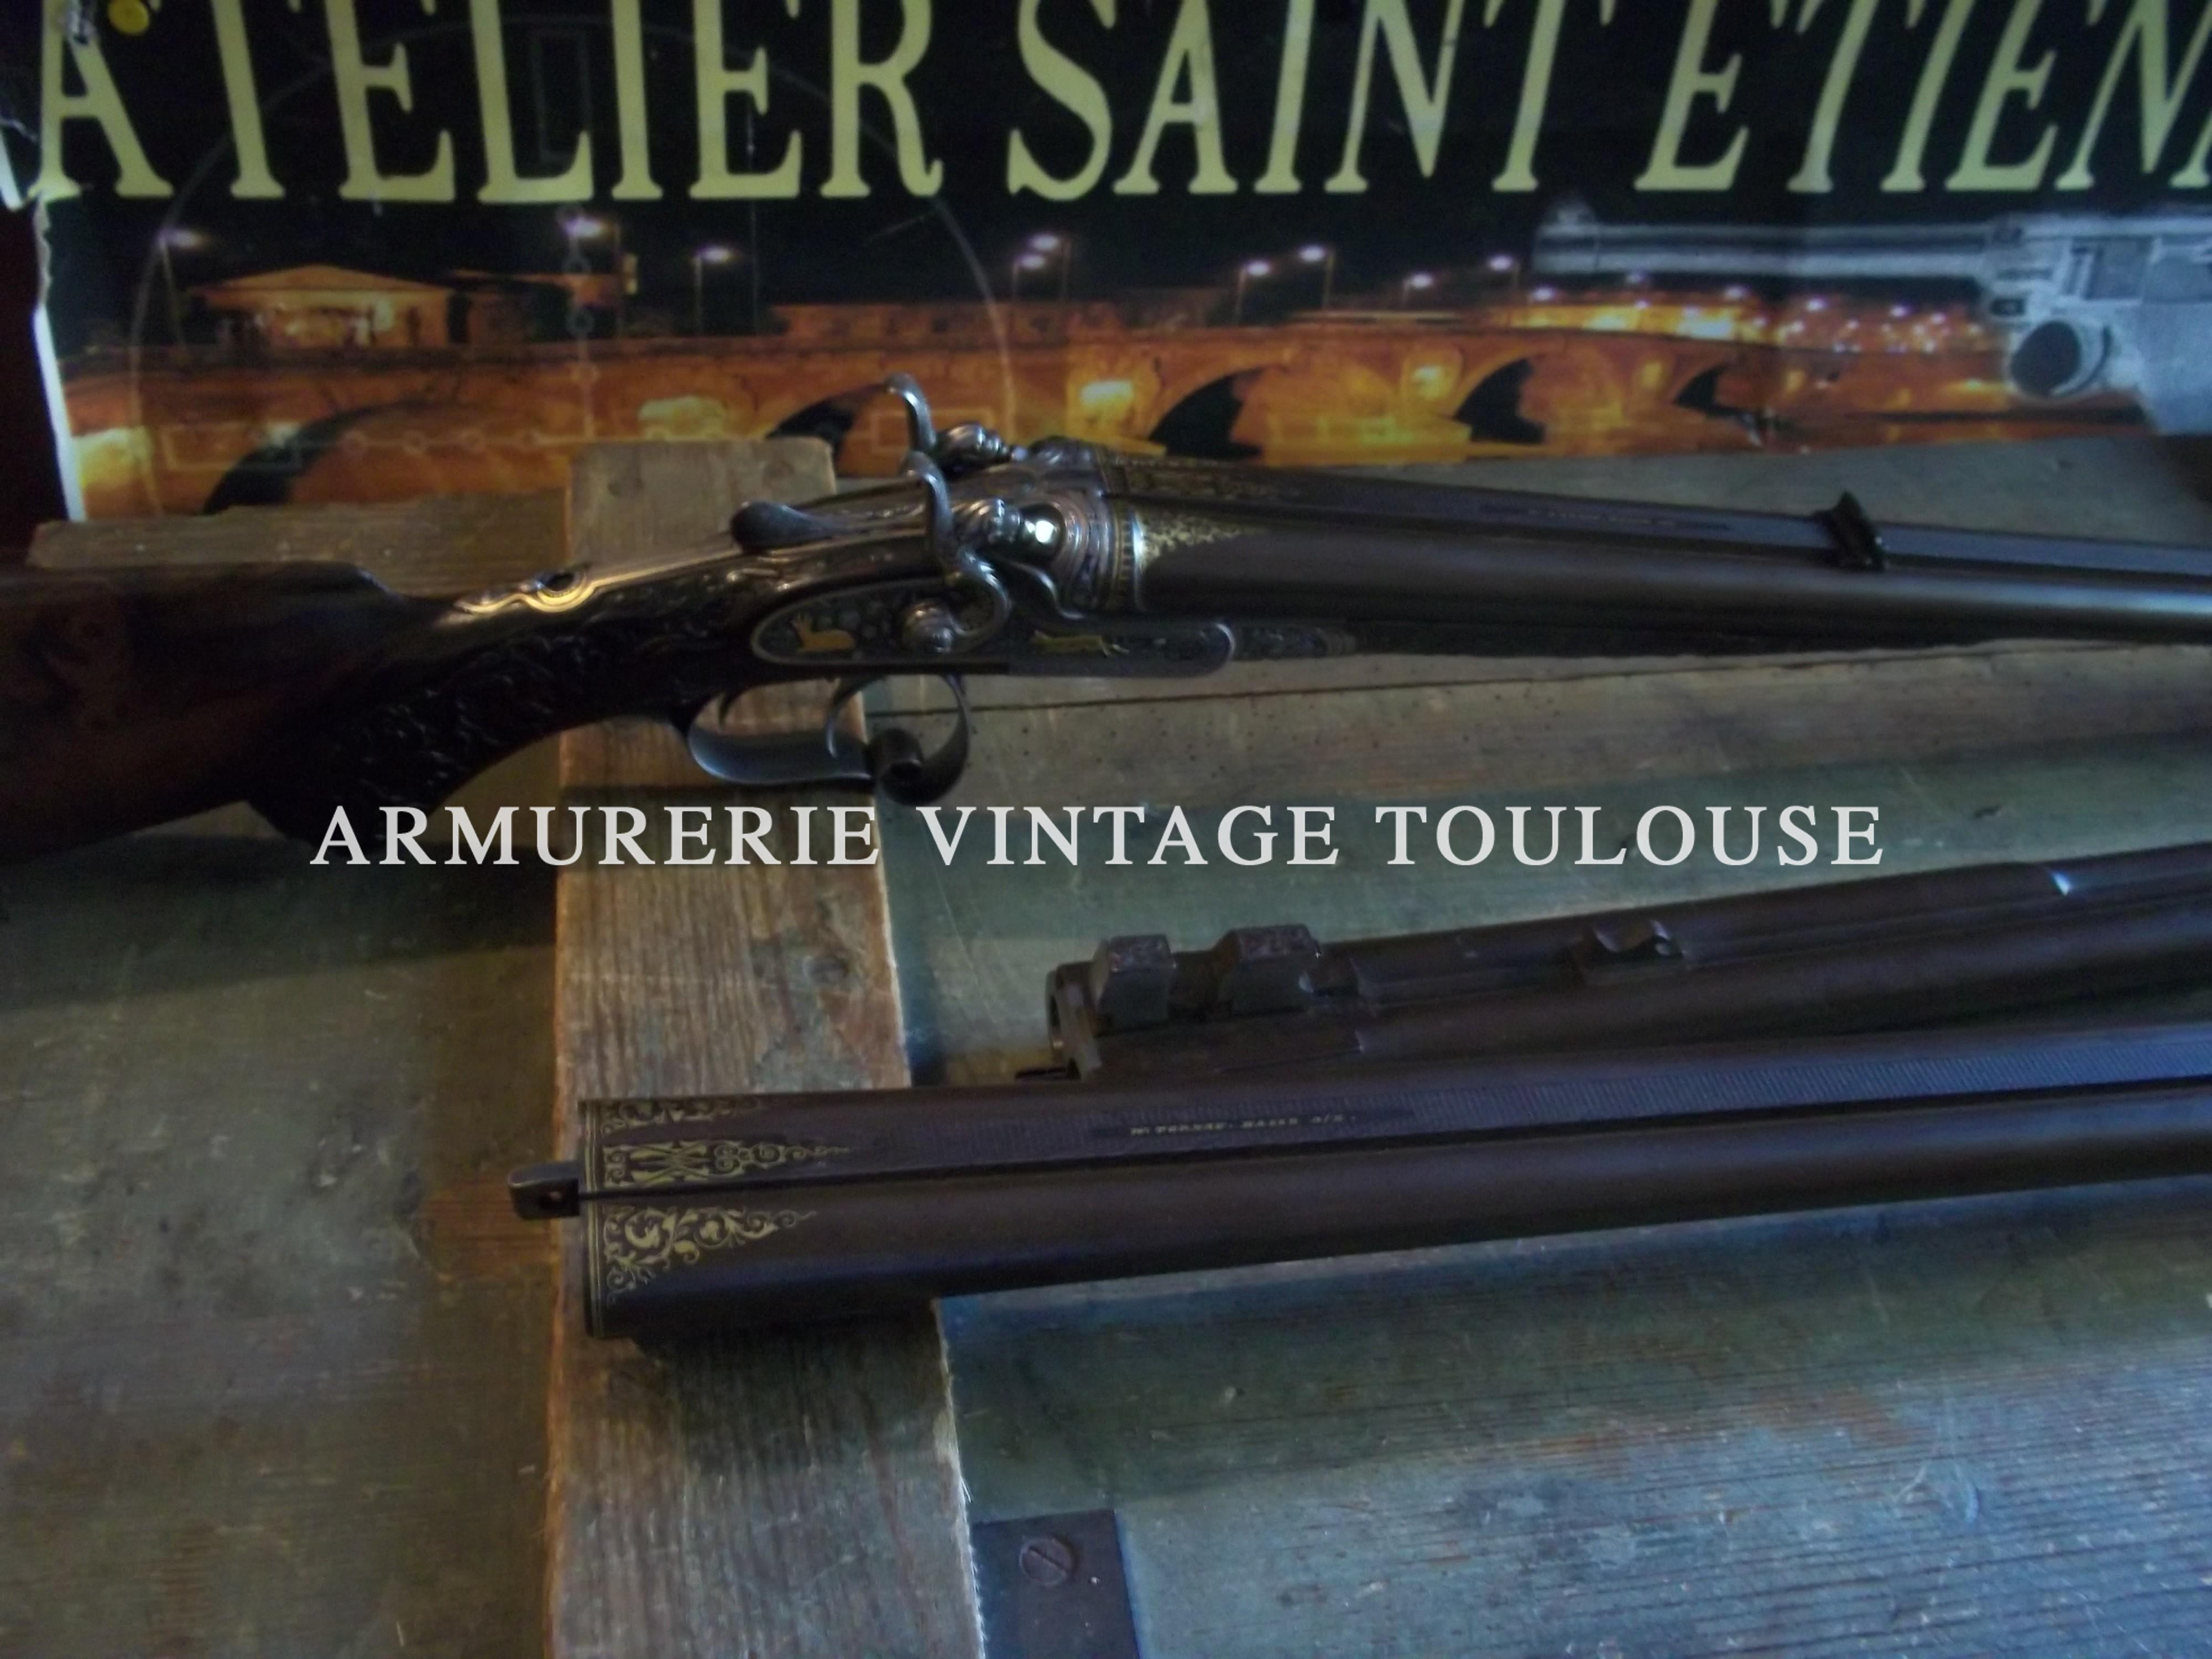 Extraordinaire fusil juxtaposé à chien fabrication Allemande vers 1885